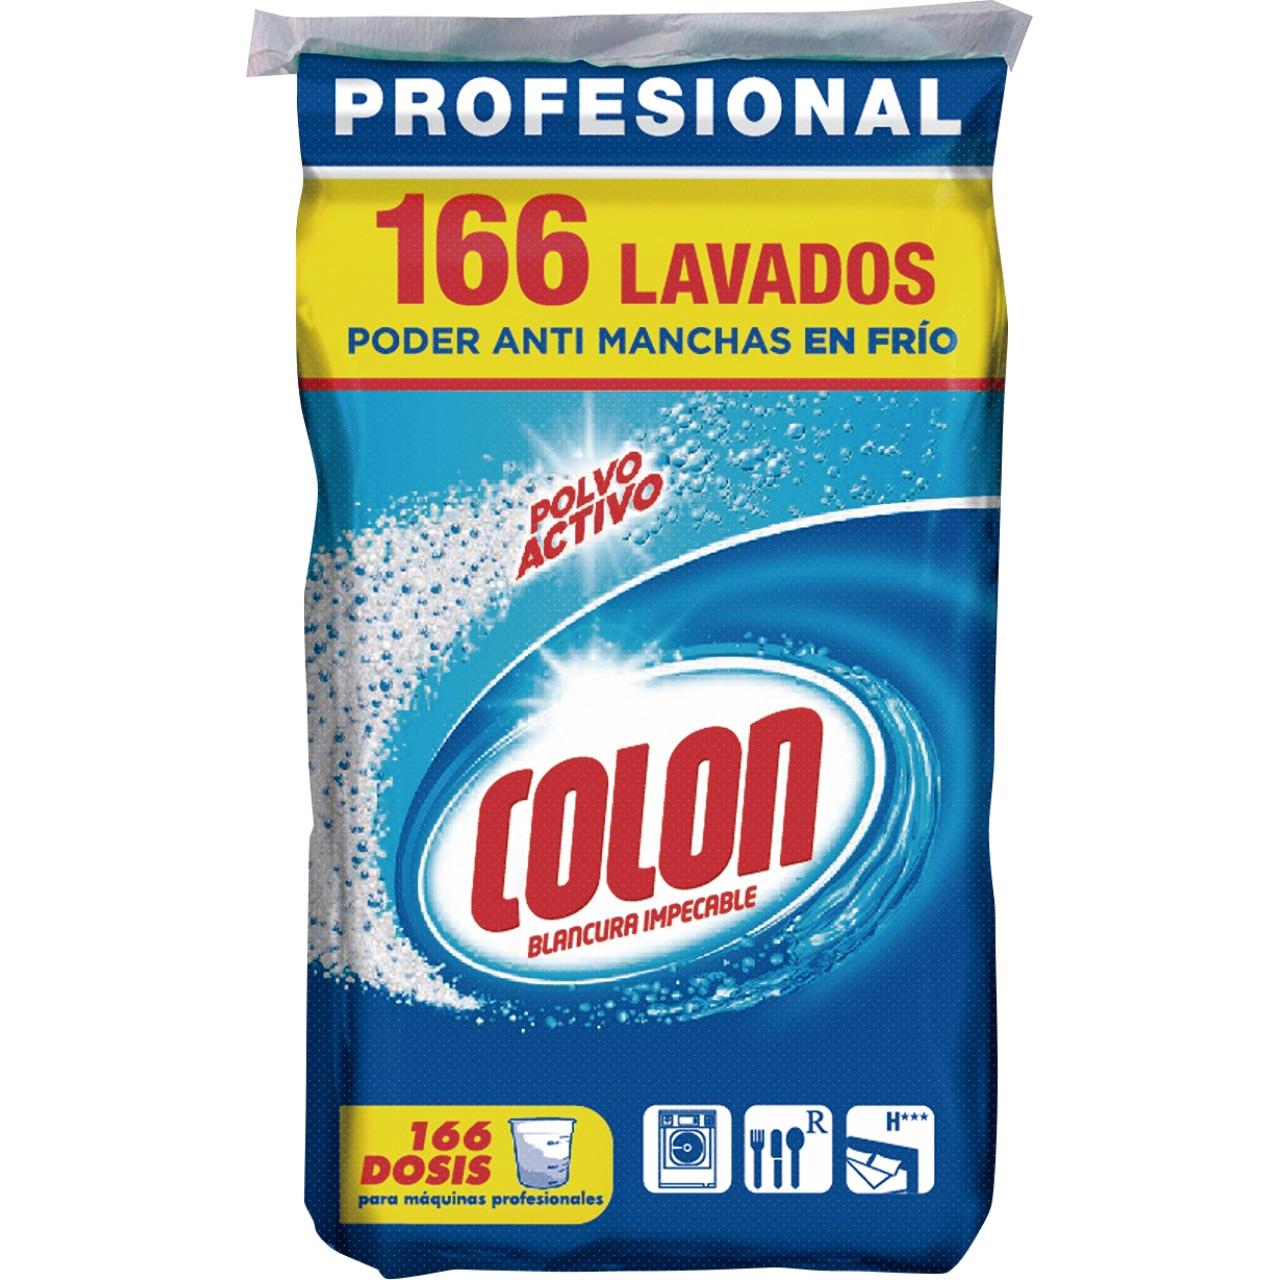 Colon professional 166 dosis